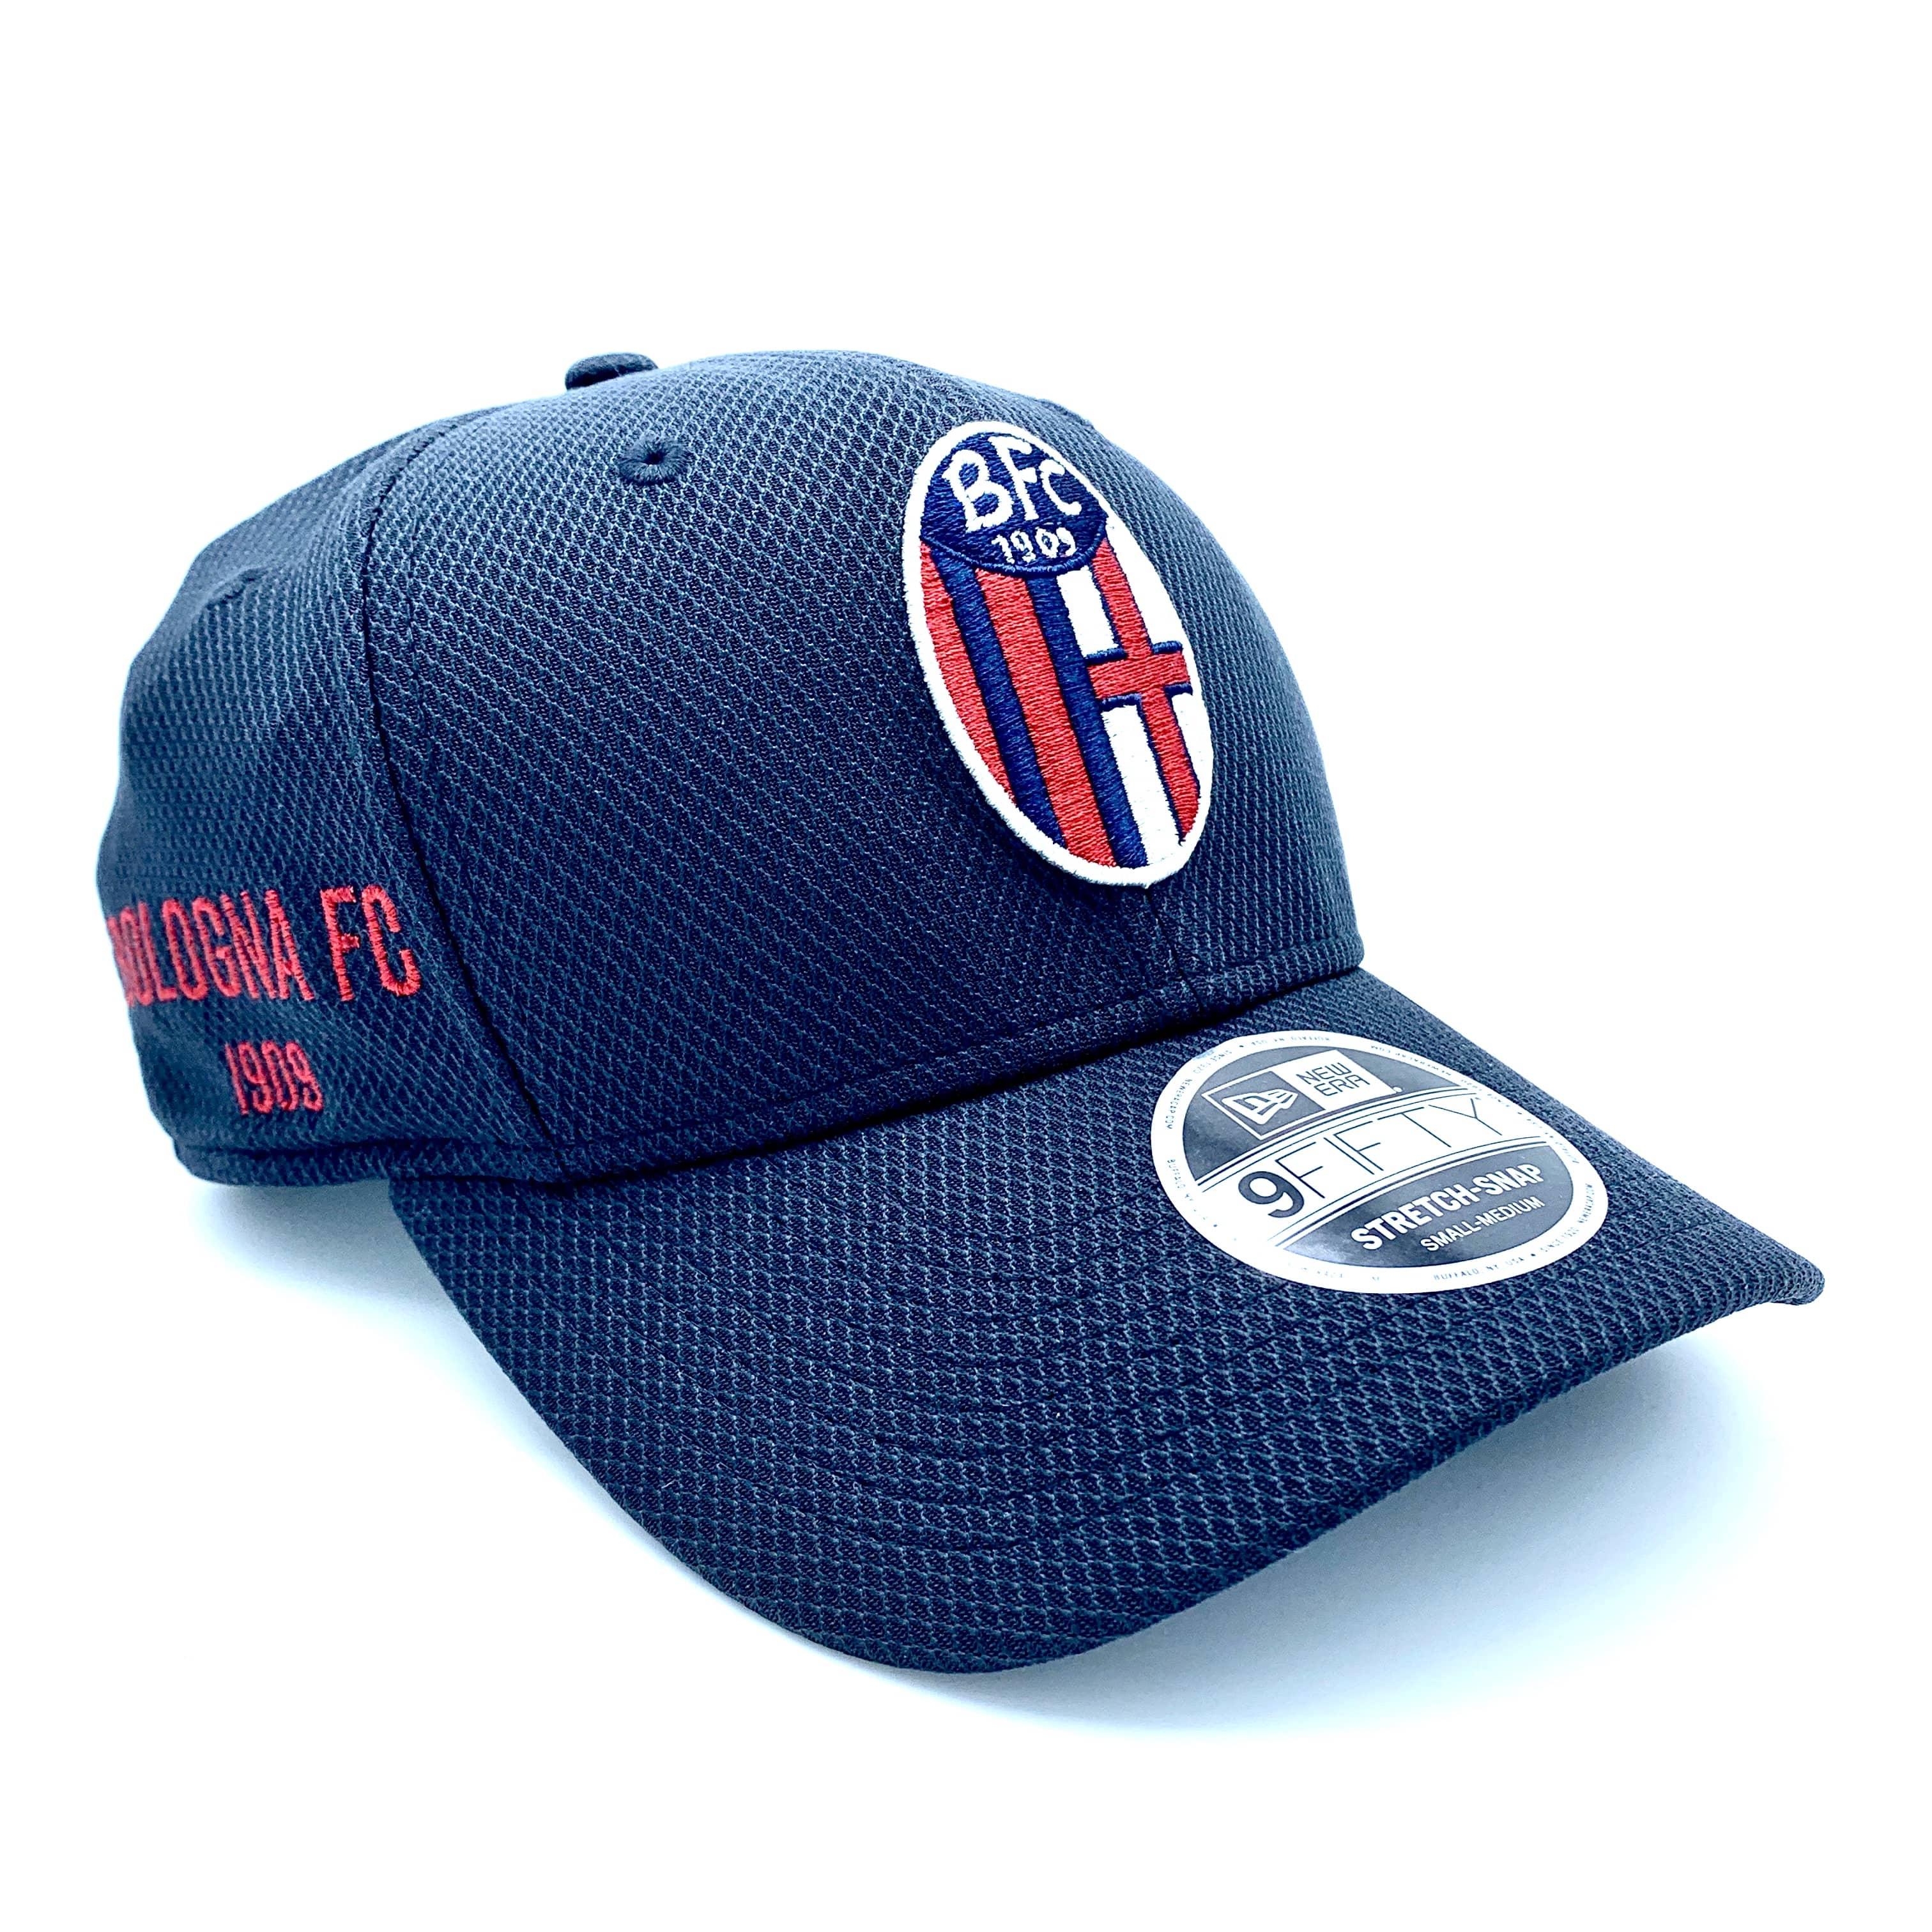 CAP NEW ERA NAVY Bologna Fc